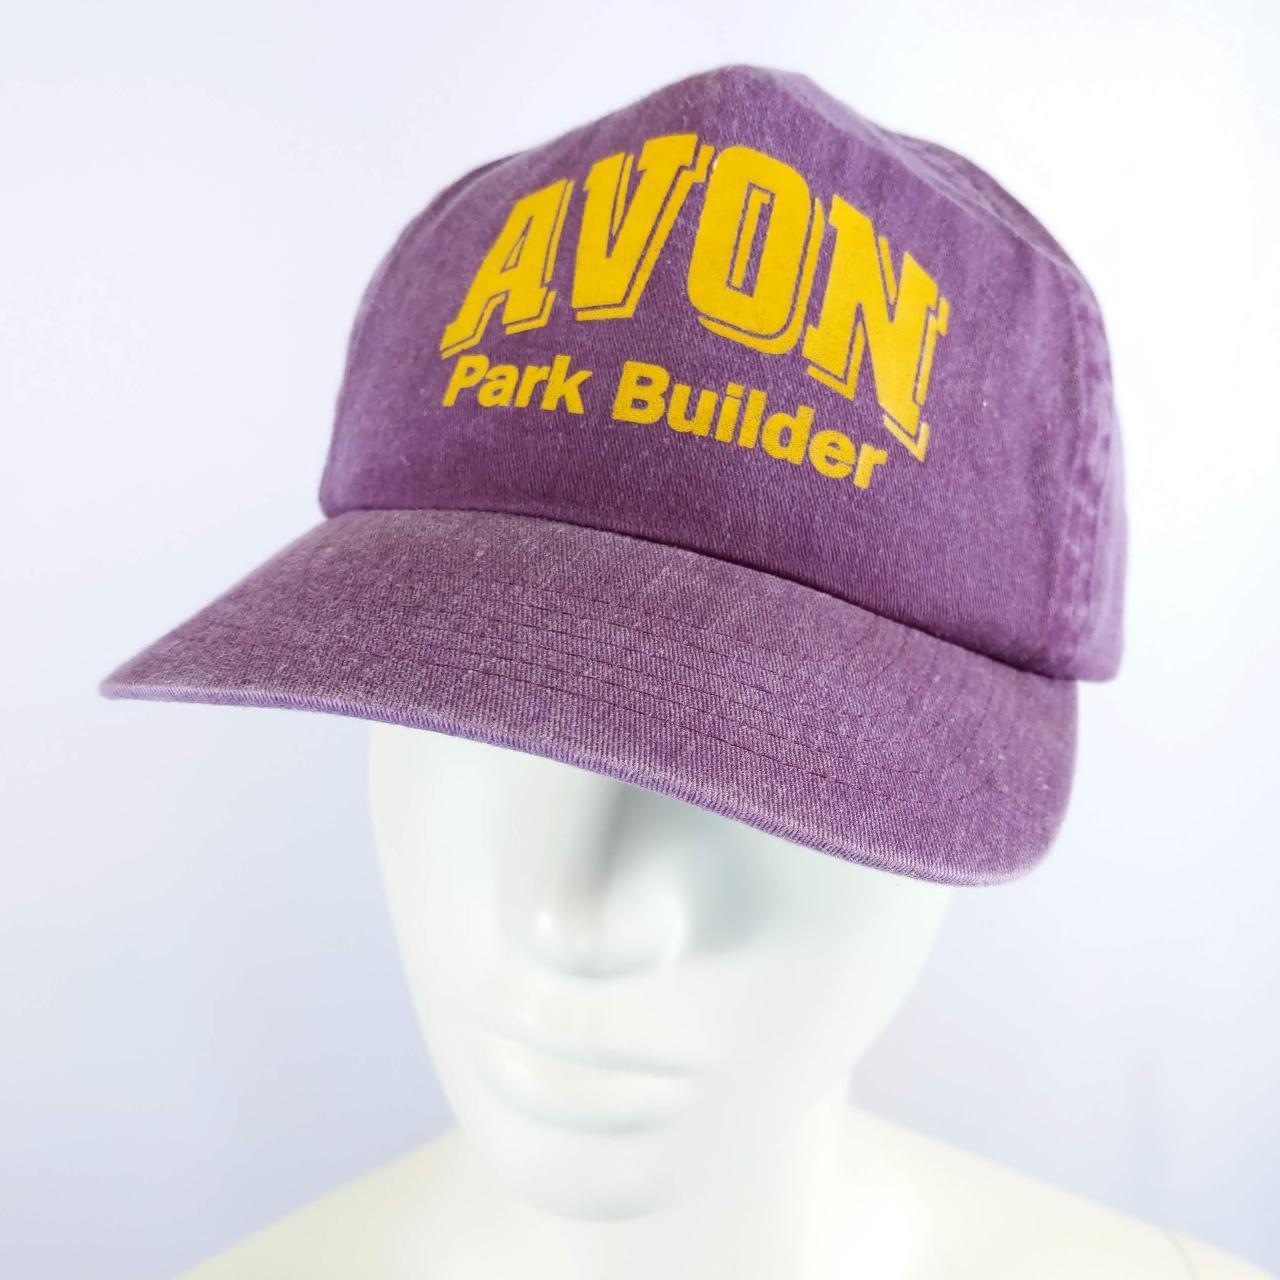 Product Image 1 - Avon Park Builder 👷♂️👷♀️ Size: